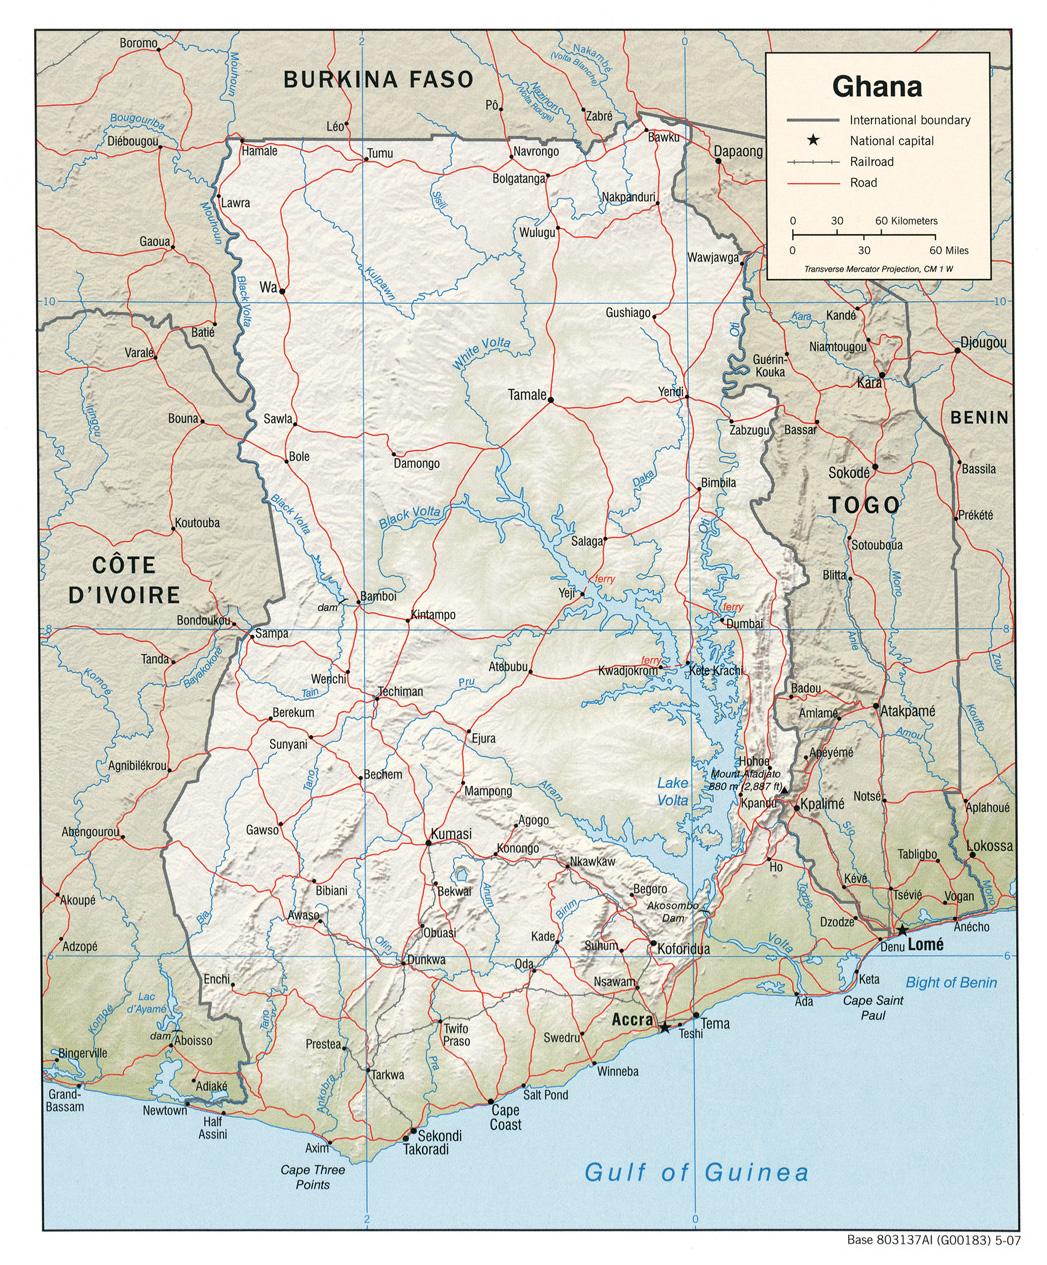 Carte géopolitique du Ghana